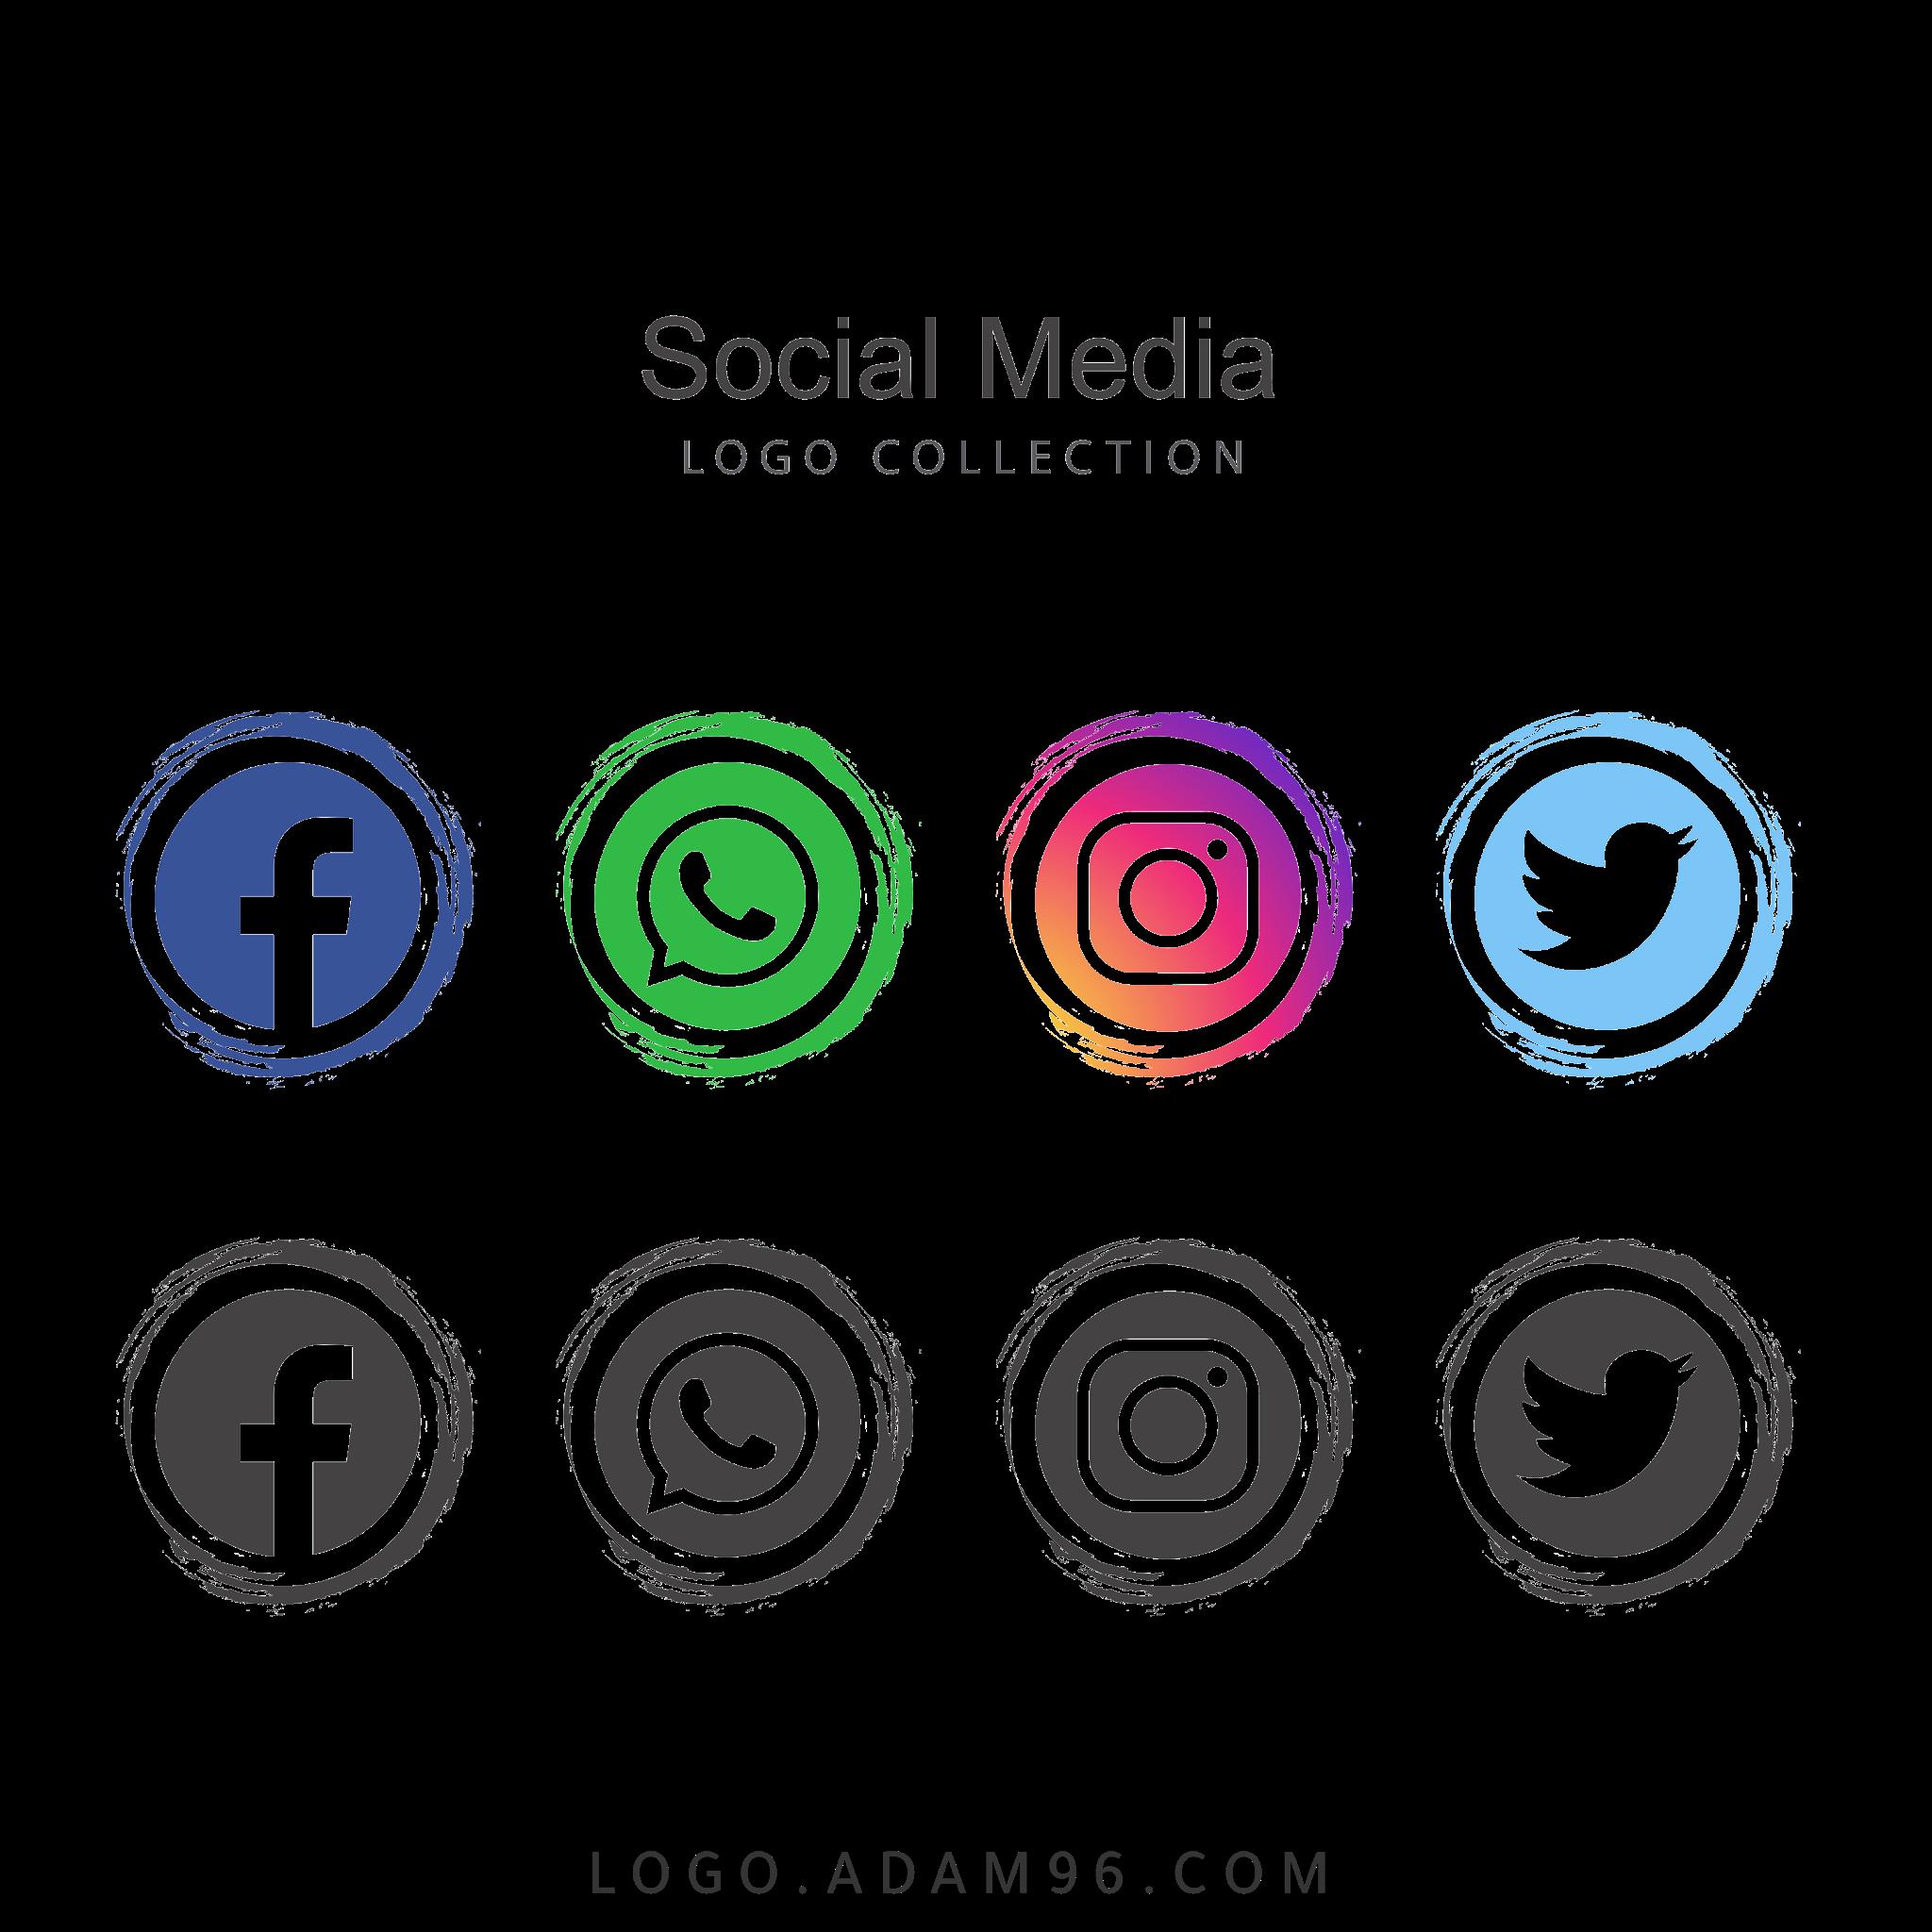 تحميل شعارات سوشيال ميديا فيس بوك تويتر انستغرام واتساب بجودة عالية PNG